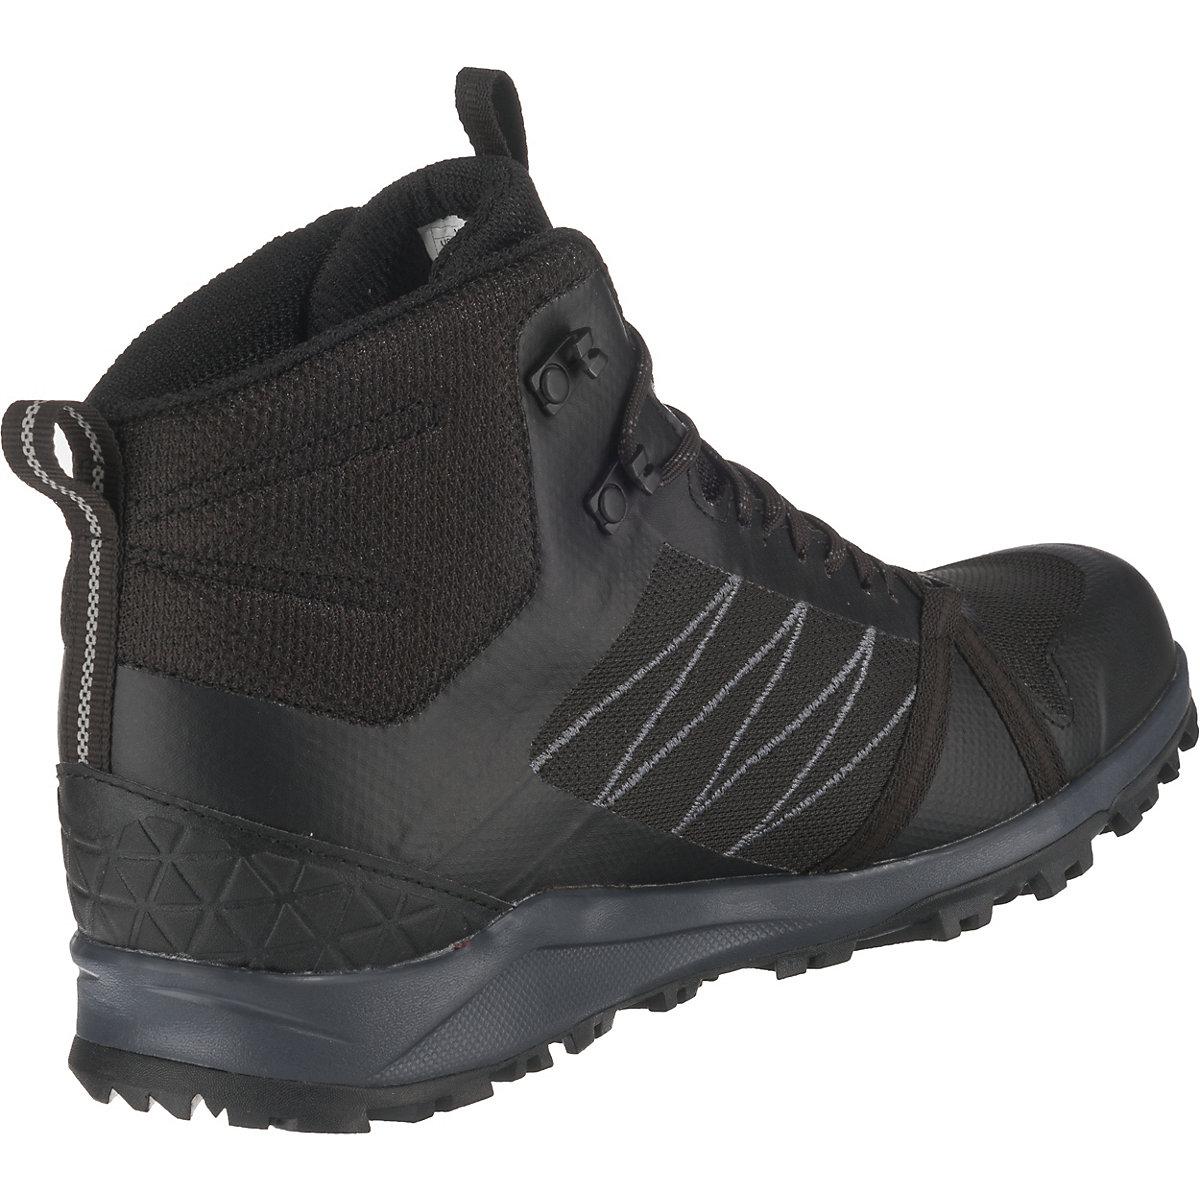 The North Face, Litewave Fastpack Ii Mid Gtx Trekkingstiefel, Schwarz